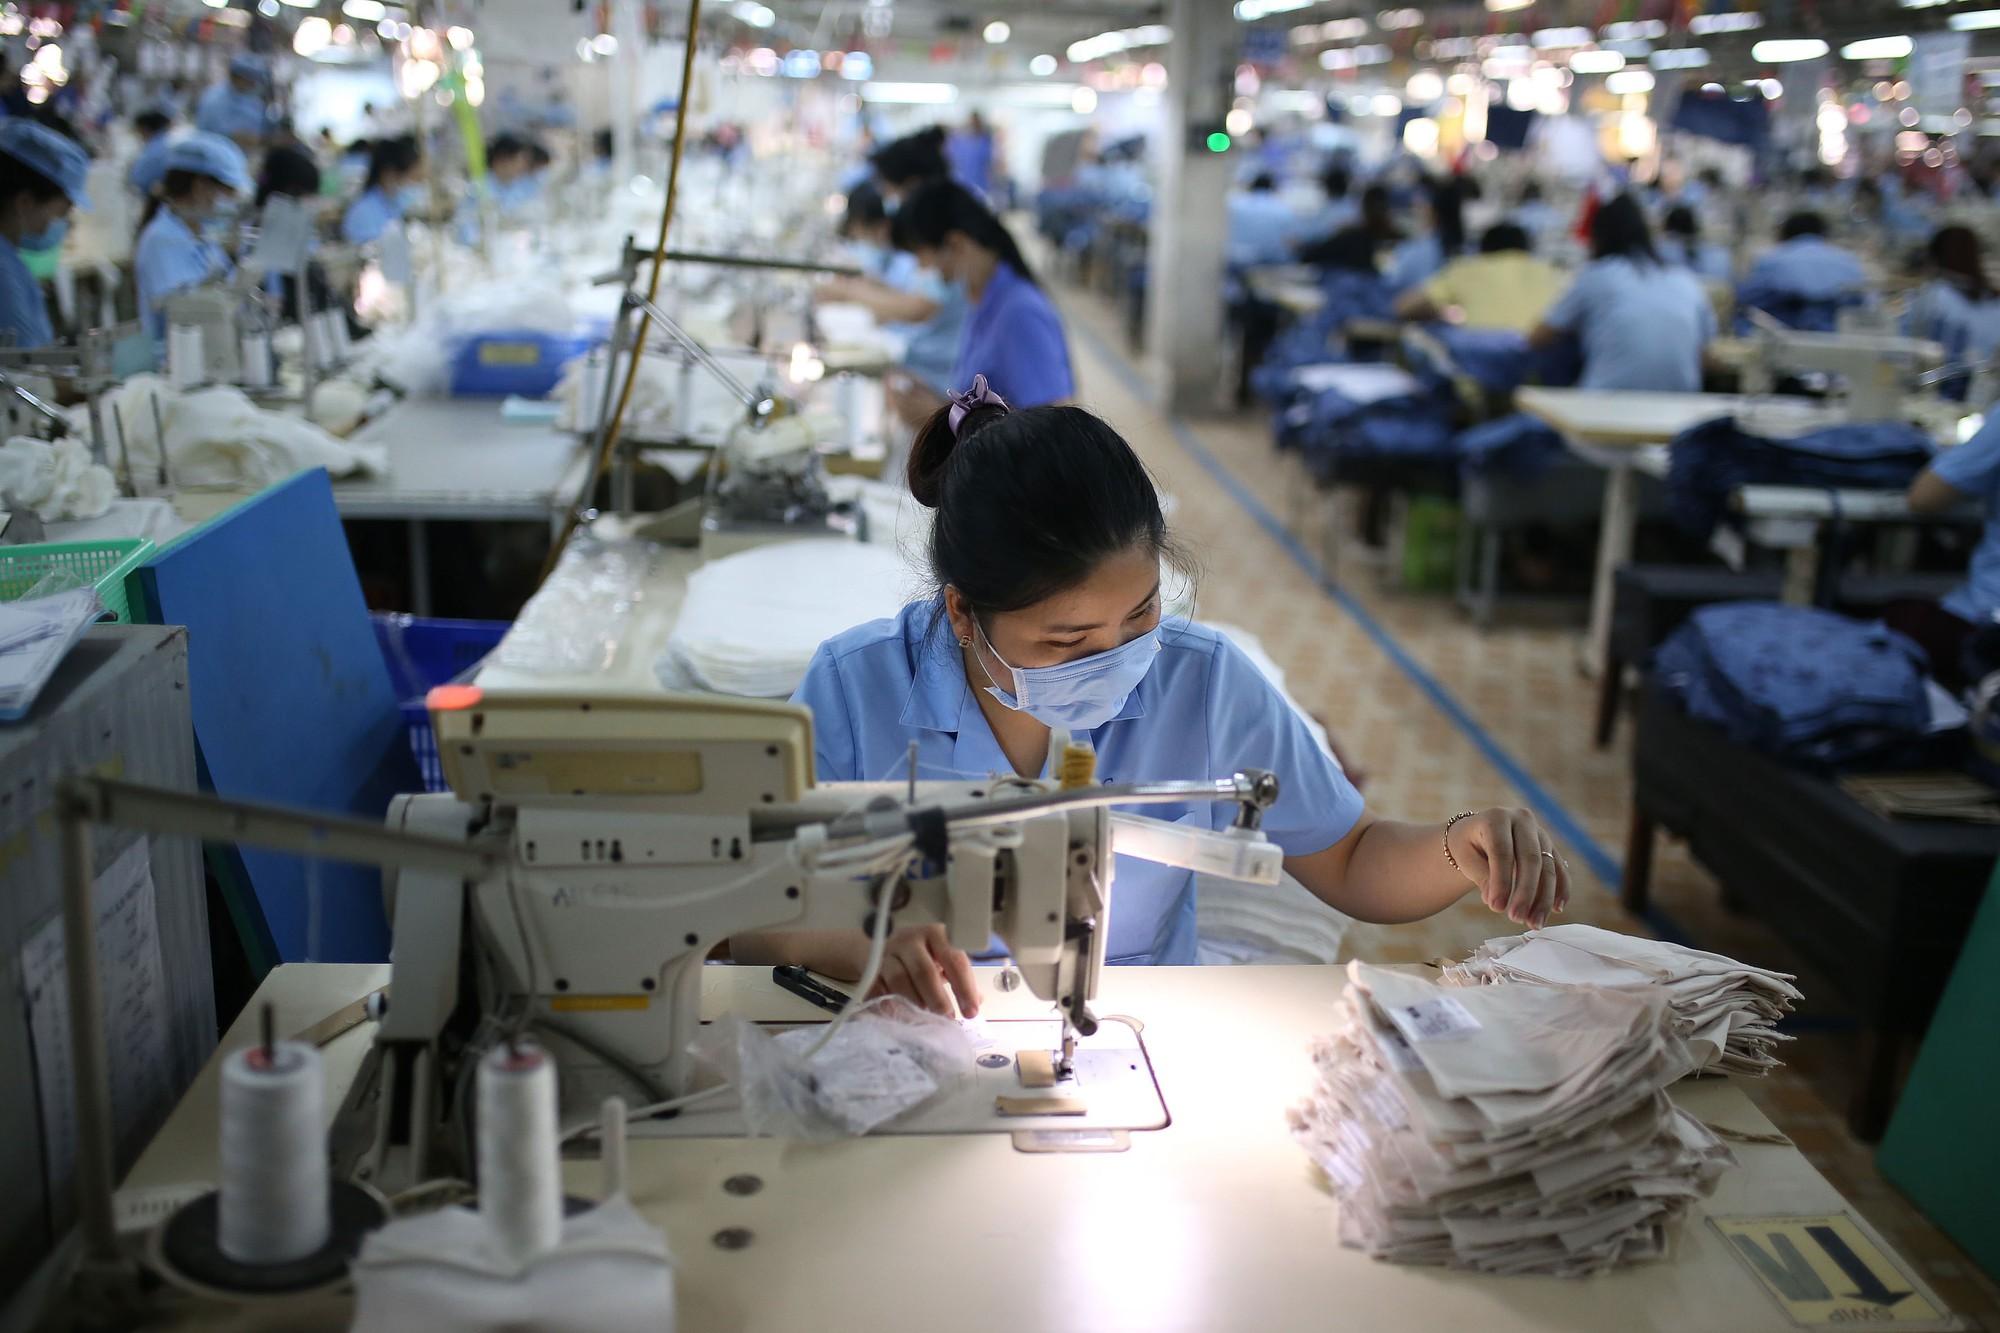 Muốn tăng lương phải tăng năng suất lao động, hiệu quả sản xuât kinh doanh